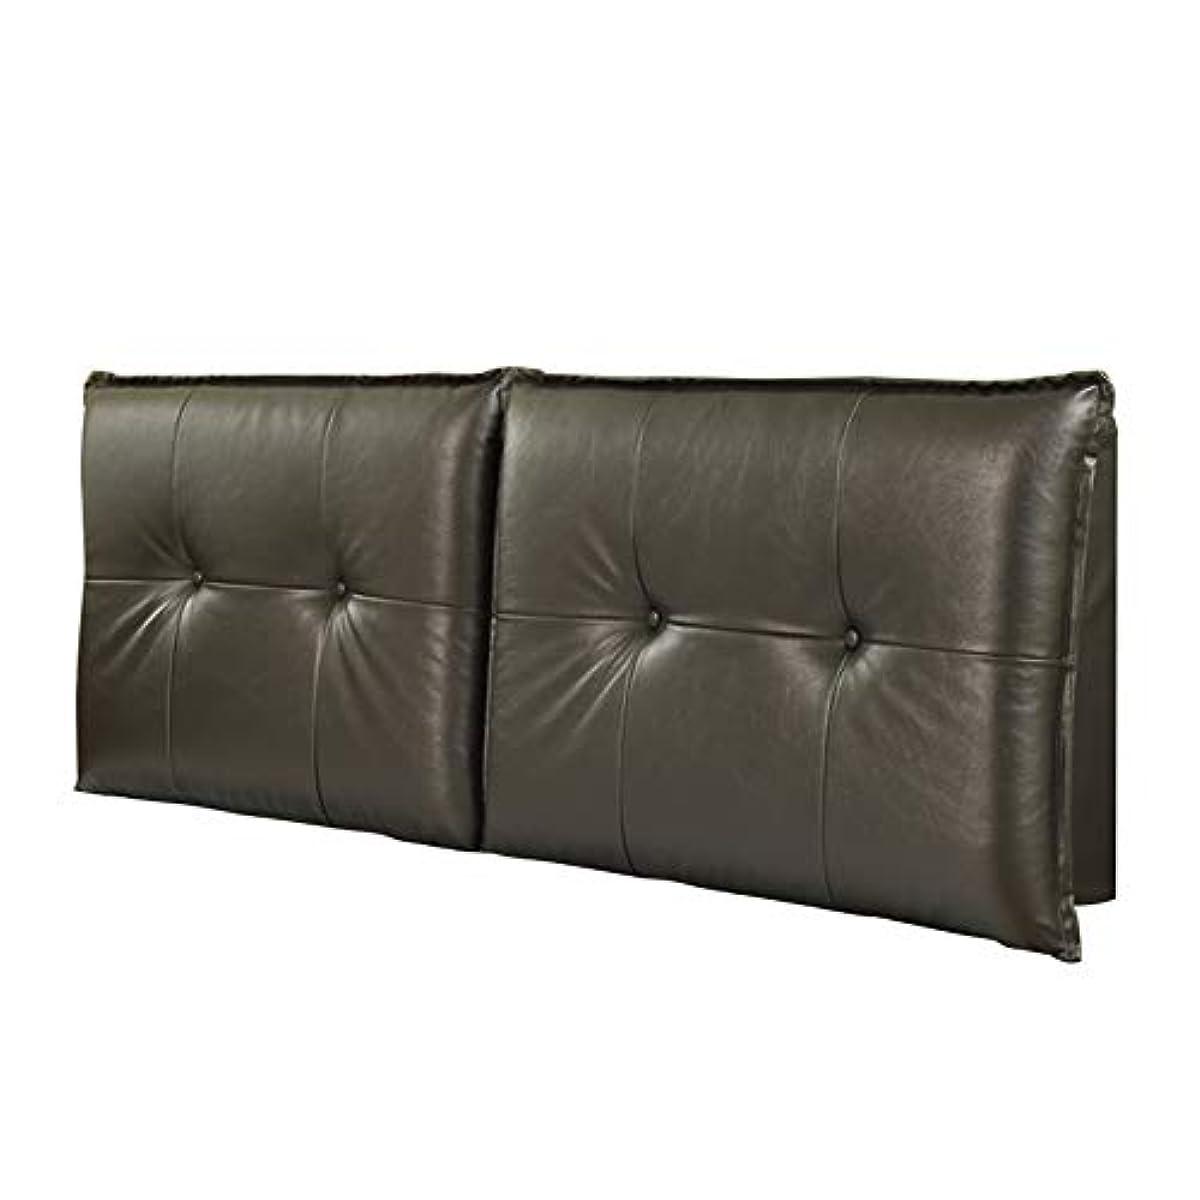 頑固な白い回転するLIANGLIANG クッションベッドの背もたれ ホームベッドルーム二人乗りエクストララージベッドレストクッション快適な通気性PUスクラブ、2色、19サイズ (色 : 黒, サイズ さいず : 130x60x10cm)